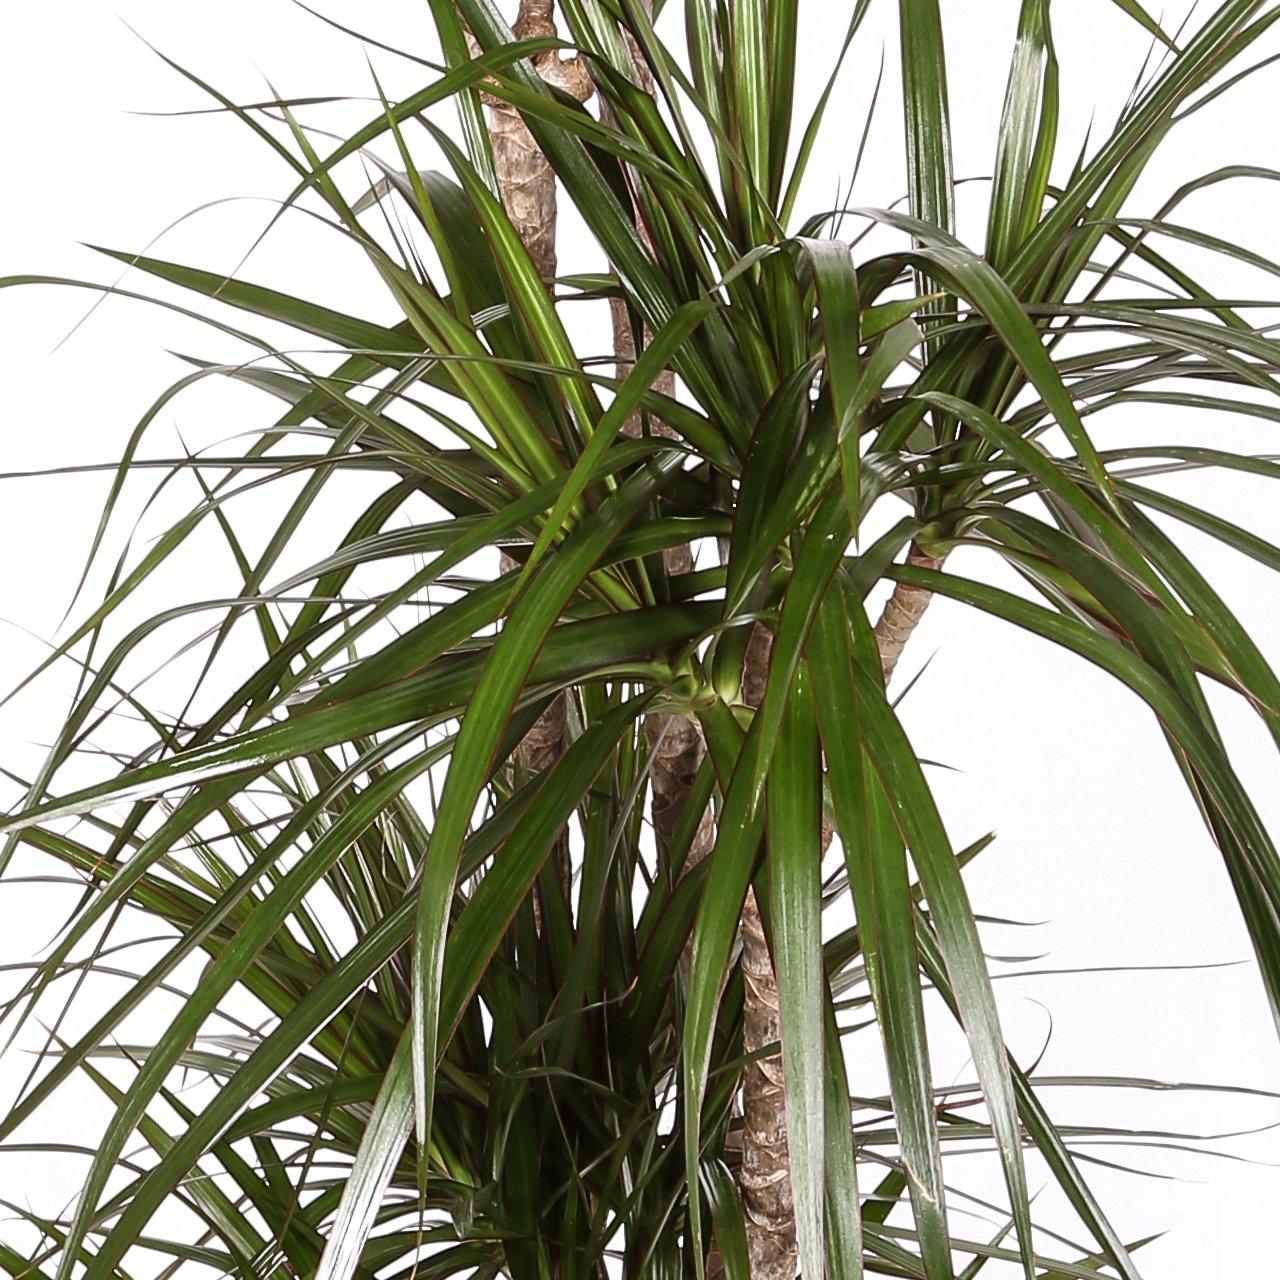 Dracaena Marginata - Maceta 20cm. - Altura aprox. 1m - 3 Troncos - Planta viva - (Envío sólo a Península): Amazon.es: Jardín